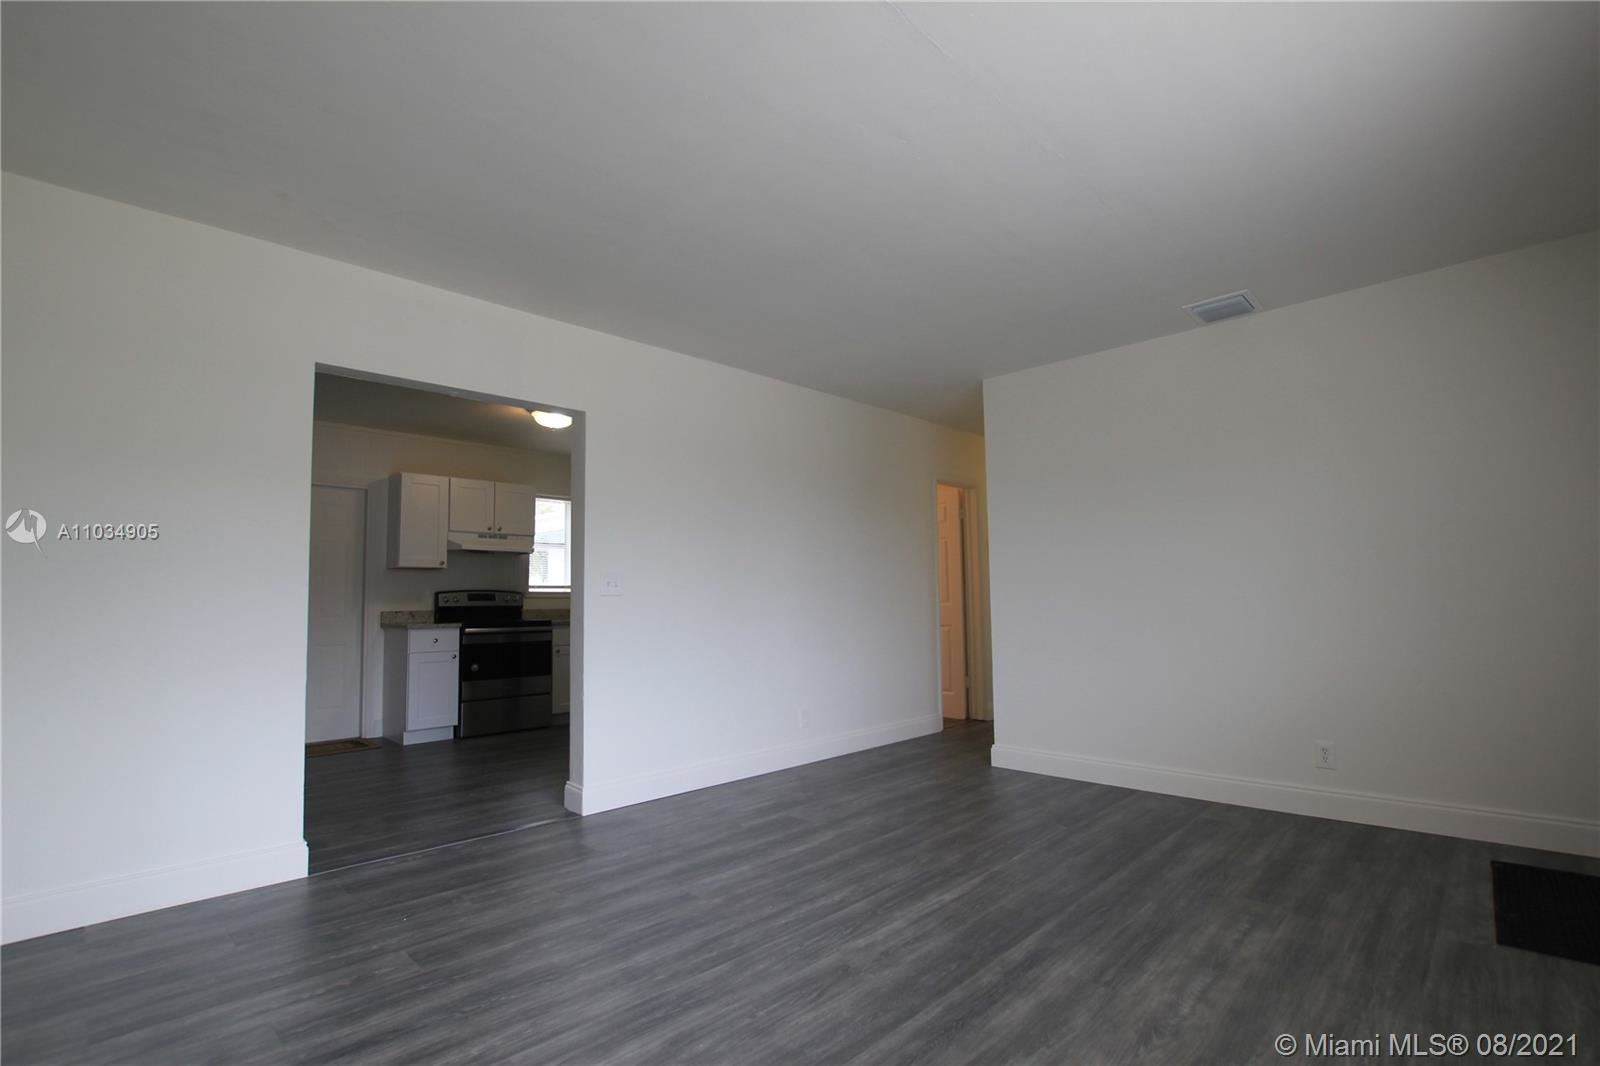 Photo of 420 W 25th St, Riviera Beach, FL 33404 (MLS # A11034905)